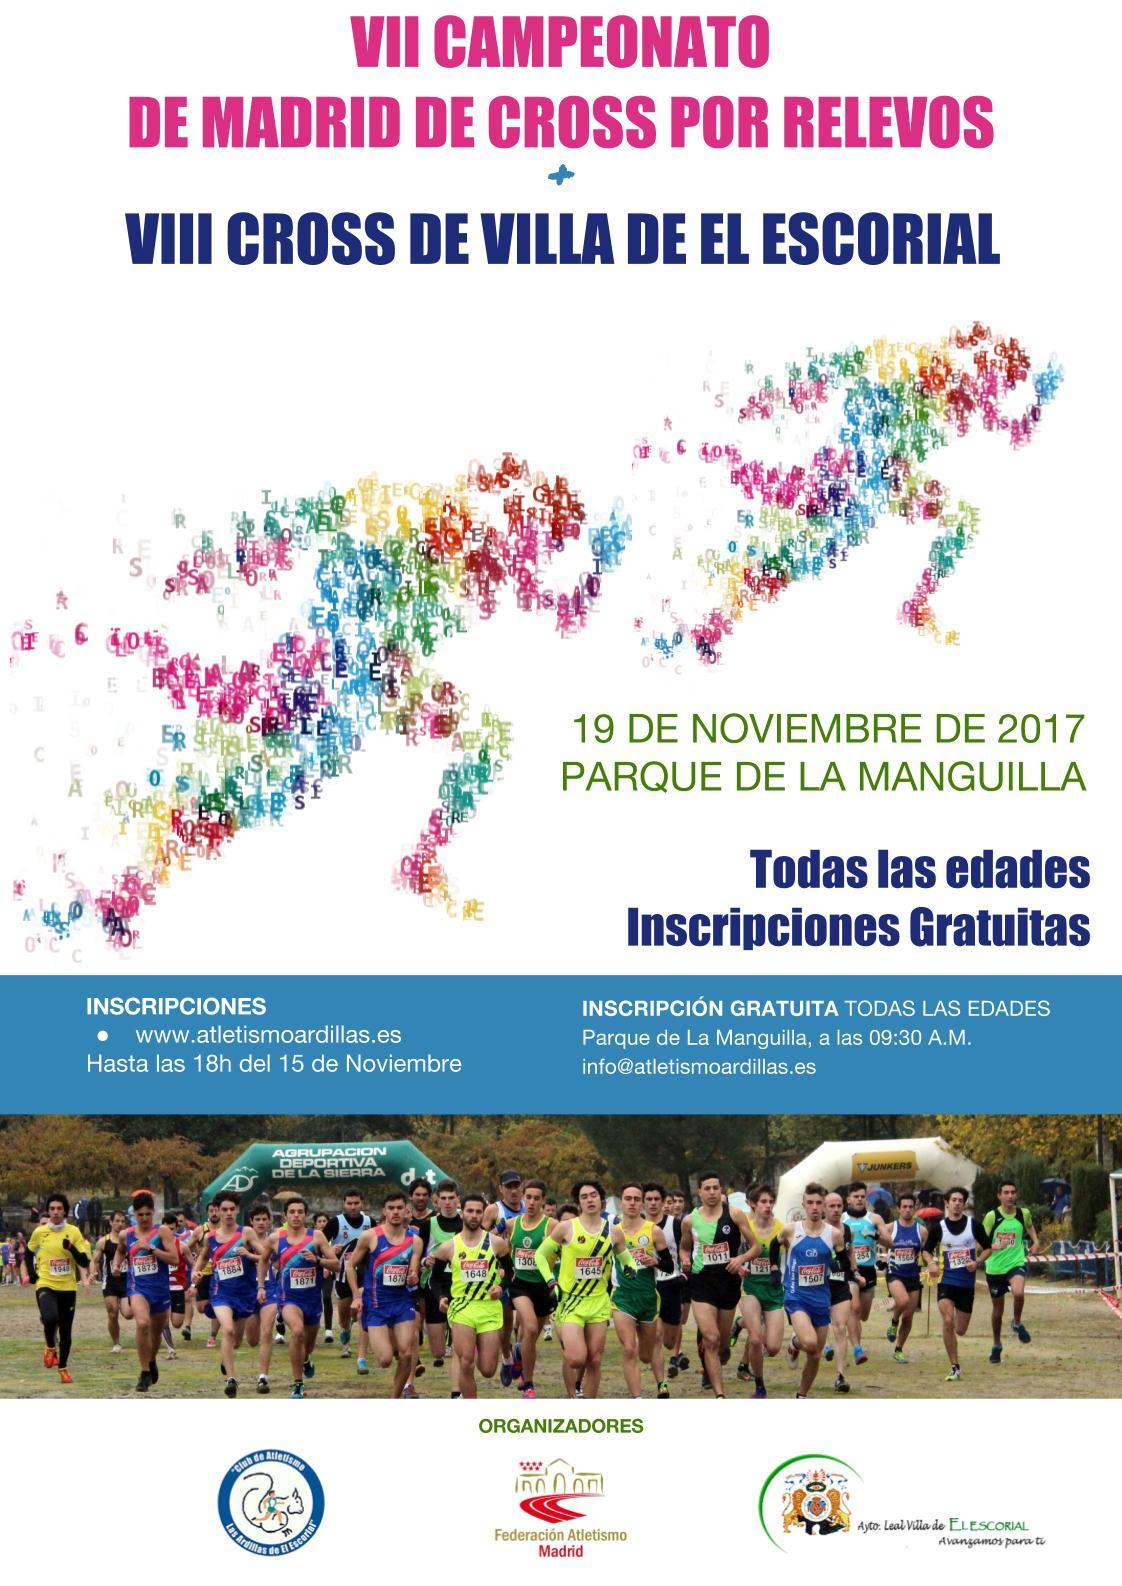 Cartel Campeonato de Madrid de Relevos de Cross y Cross de El Escorial 2017